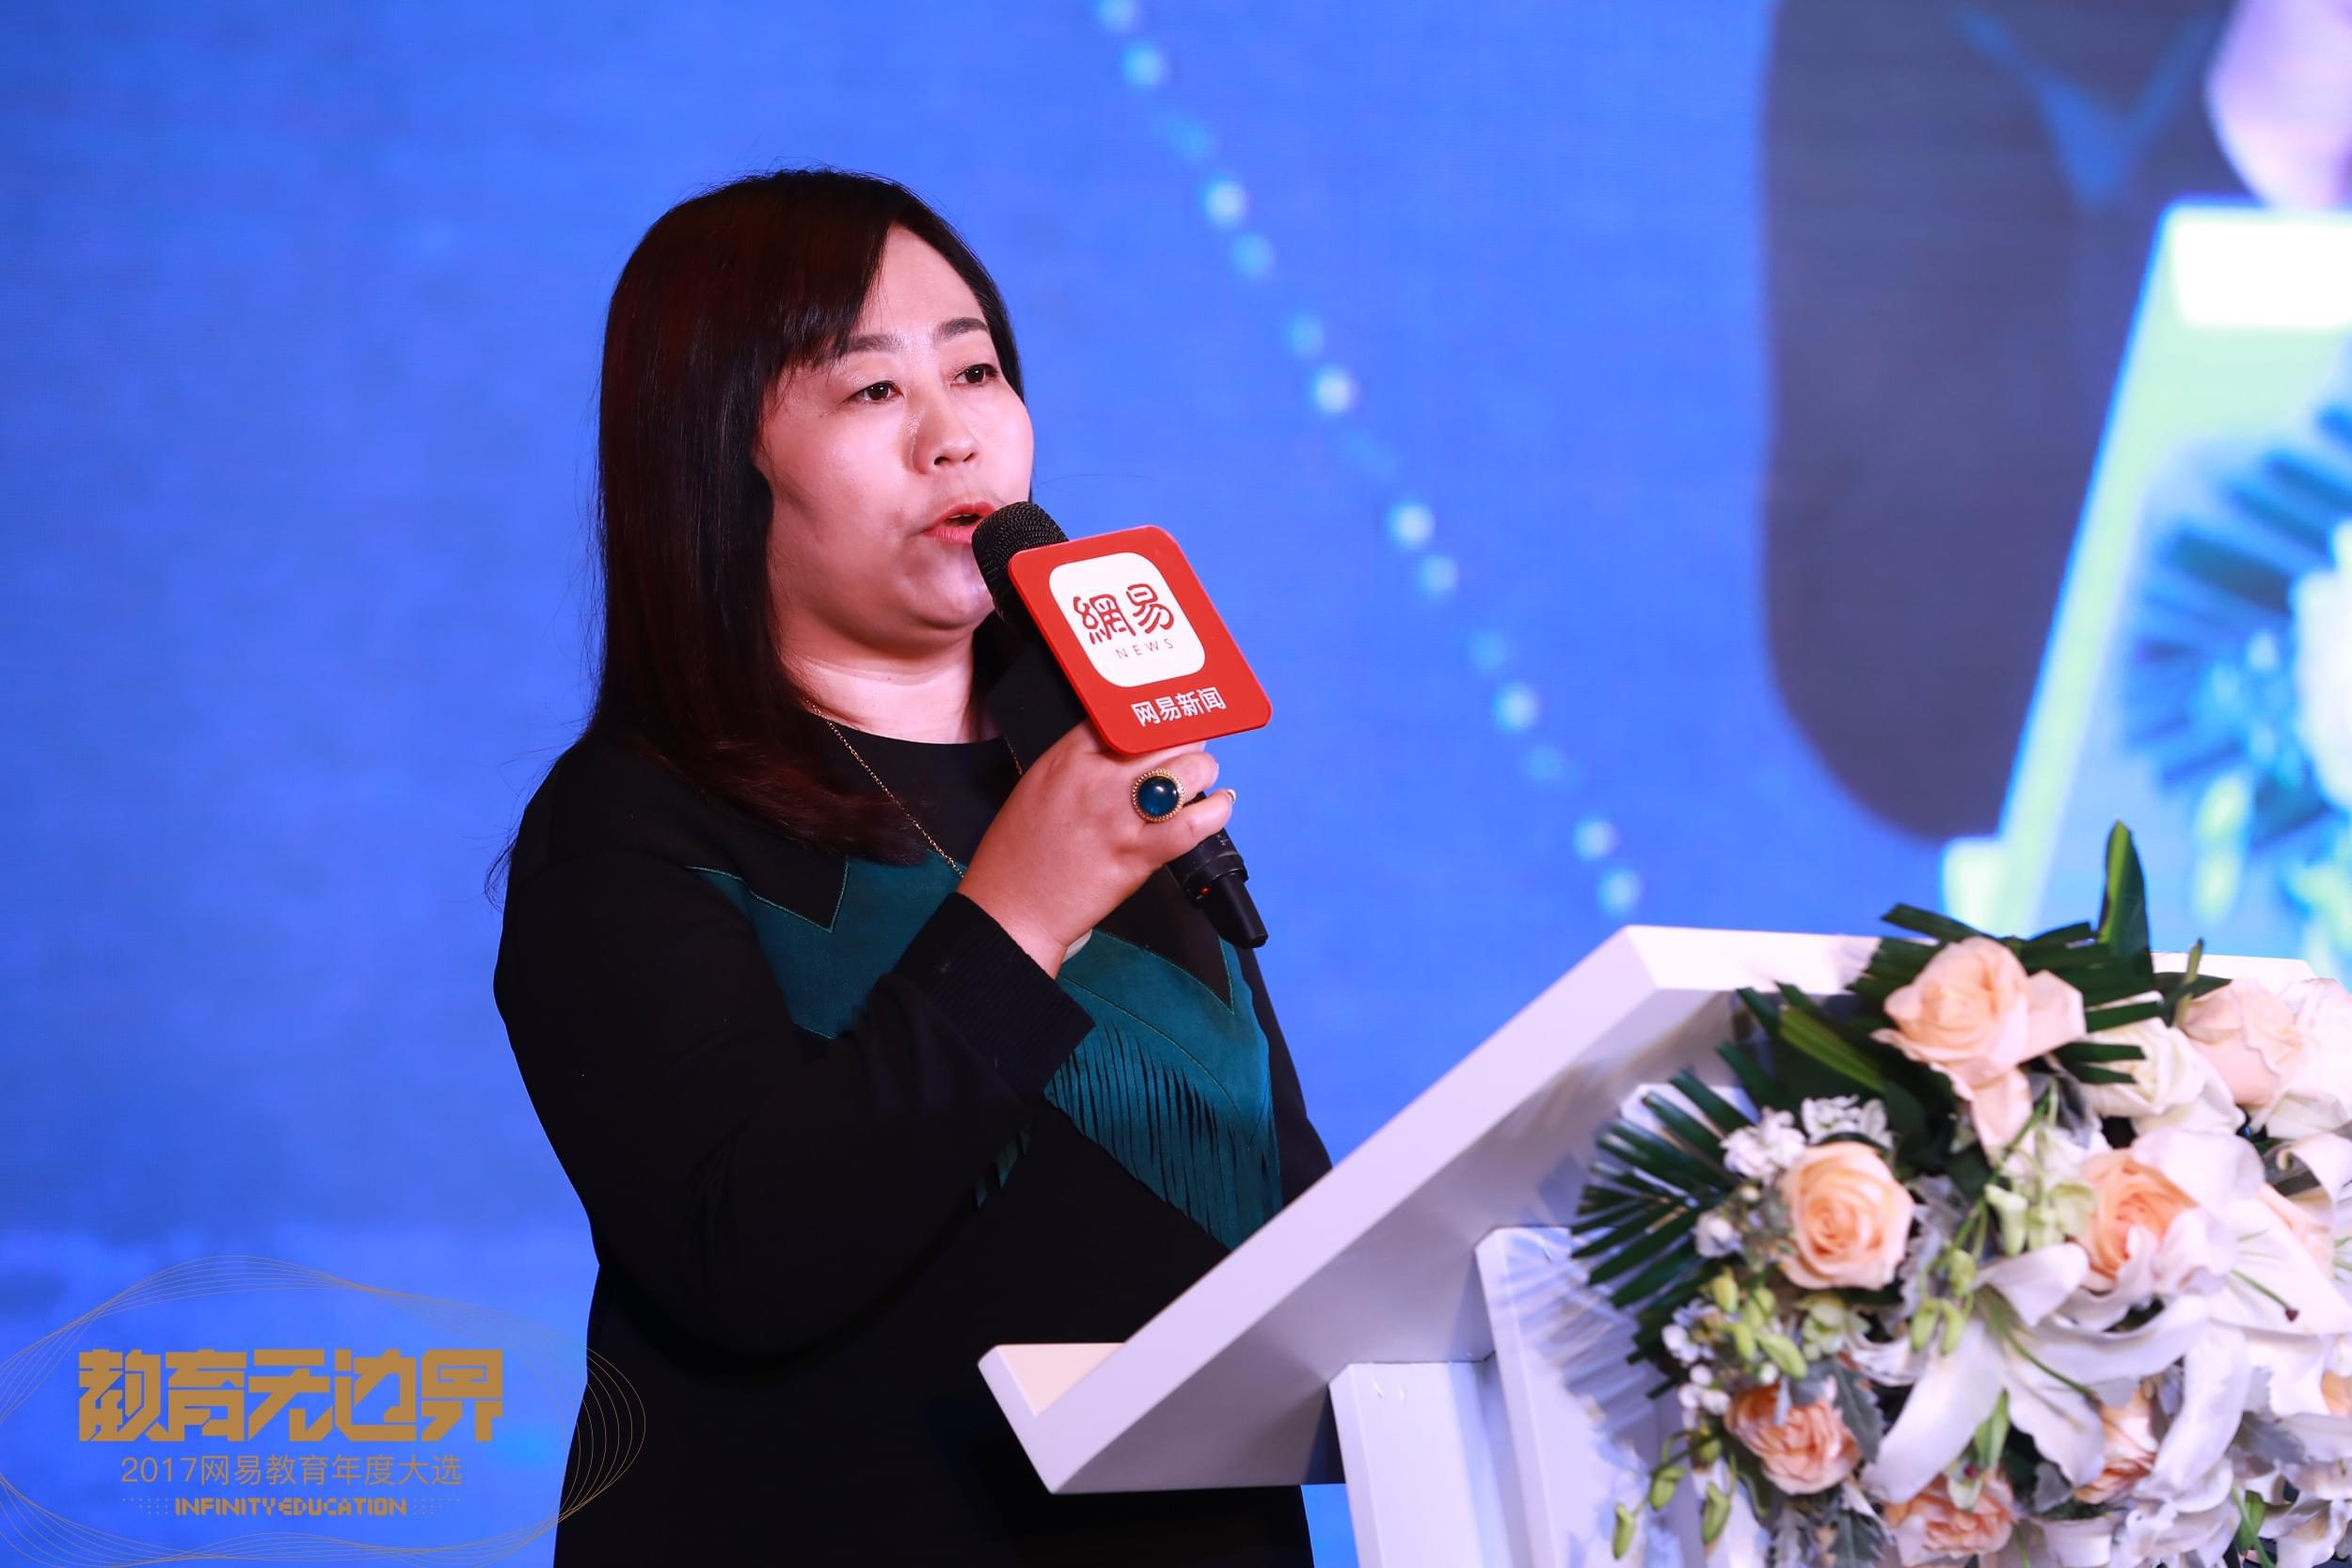 网易传媒副总裁张忆晨女士